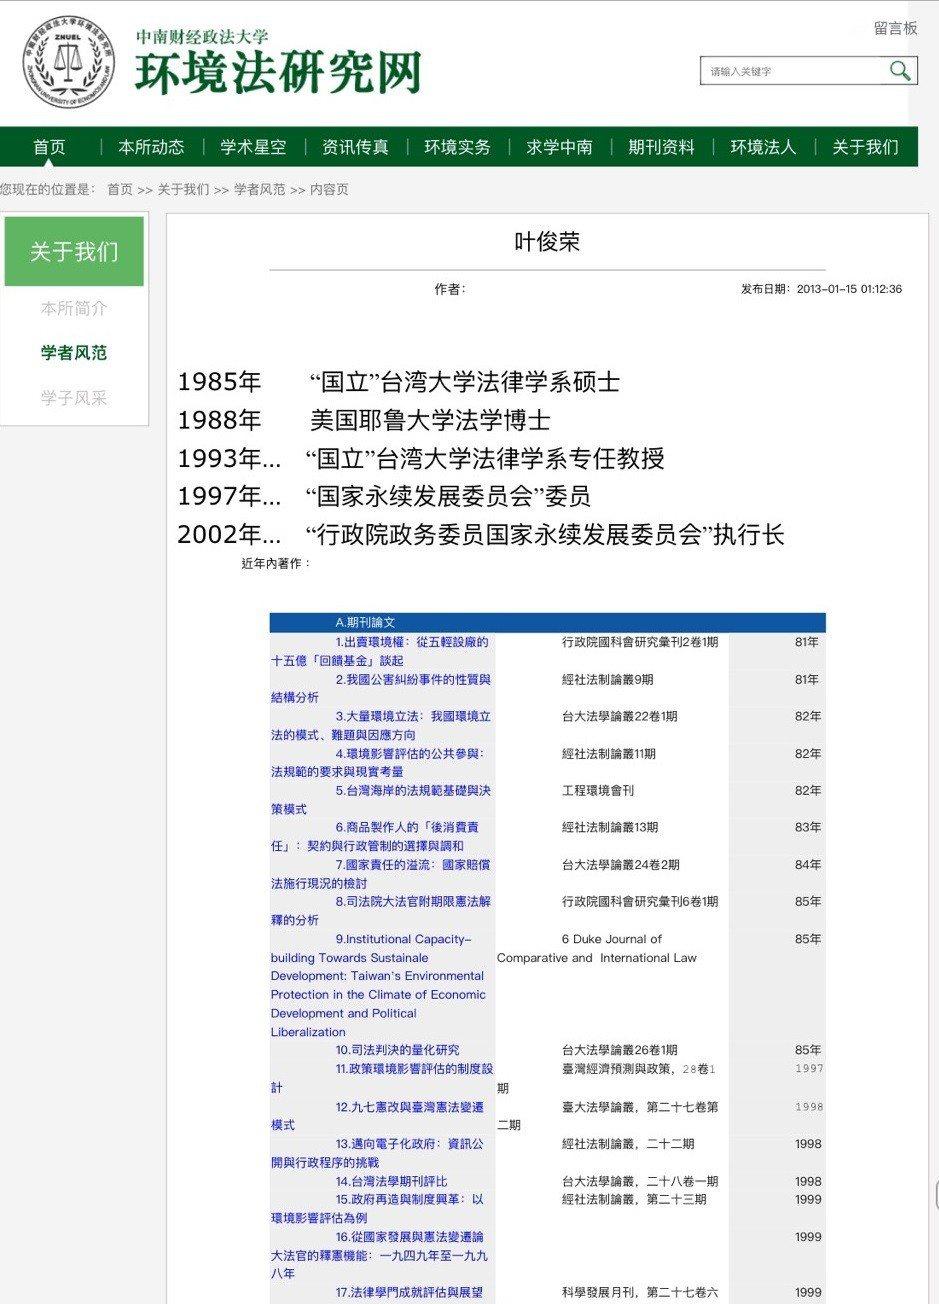 內政部長、台大法律系專任教授葉俊榮,被列名中南財經政法大學的學者。圖/截自中南財...